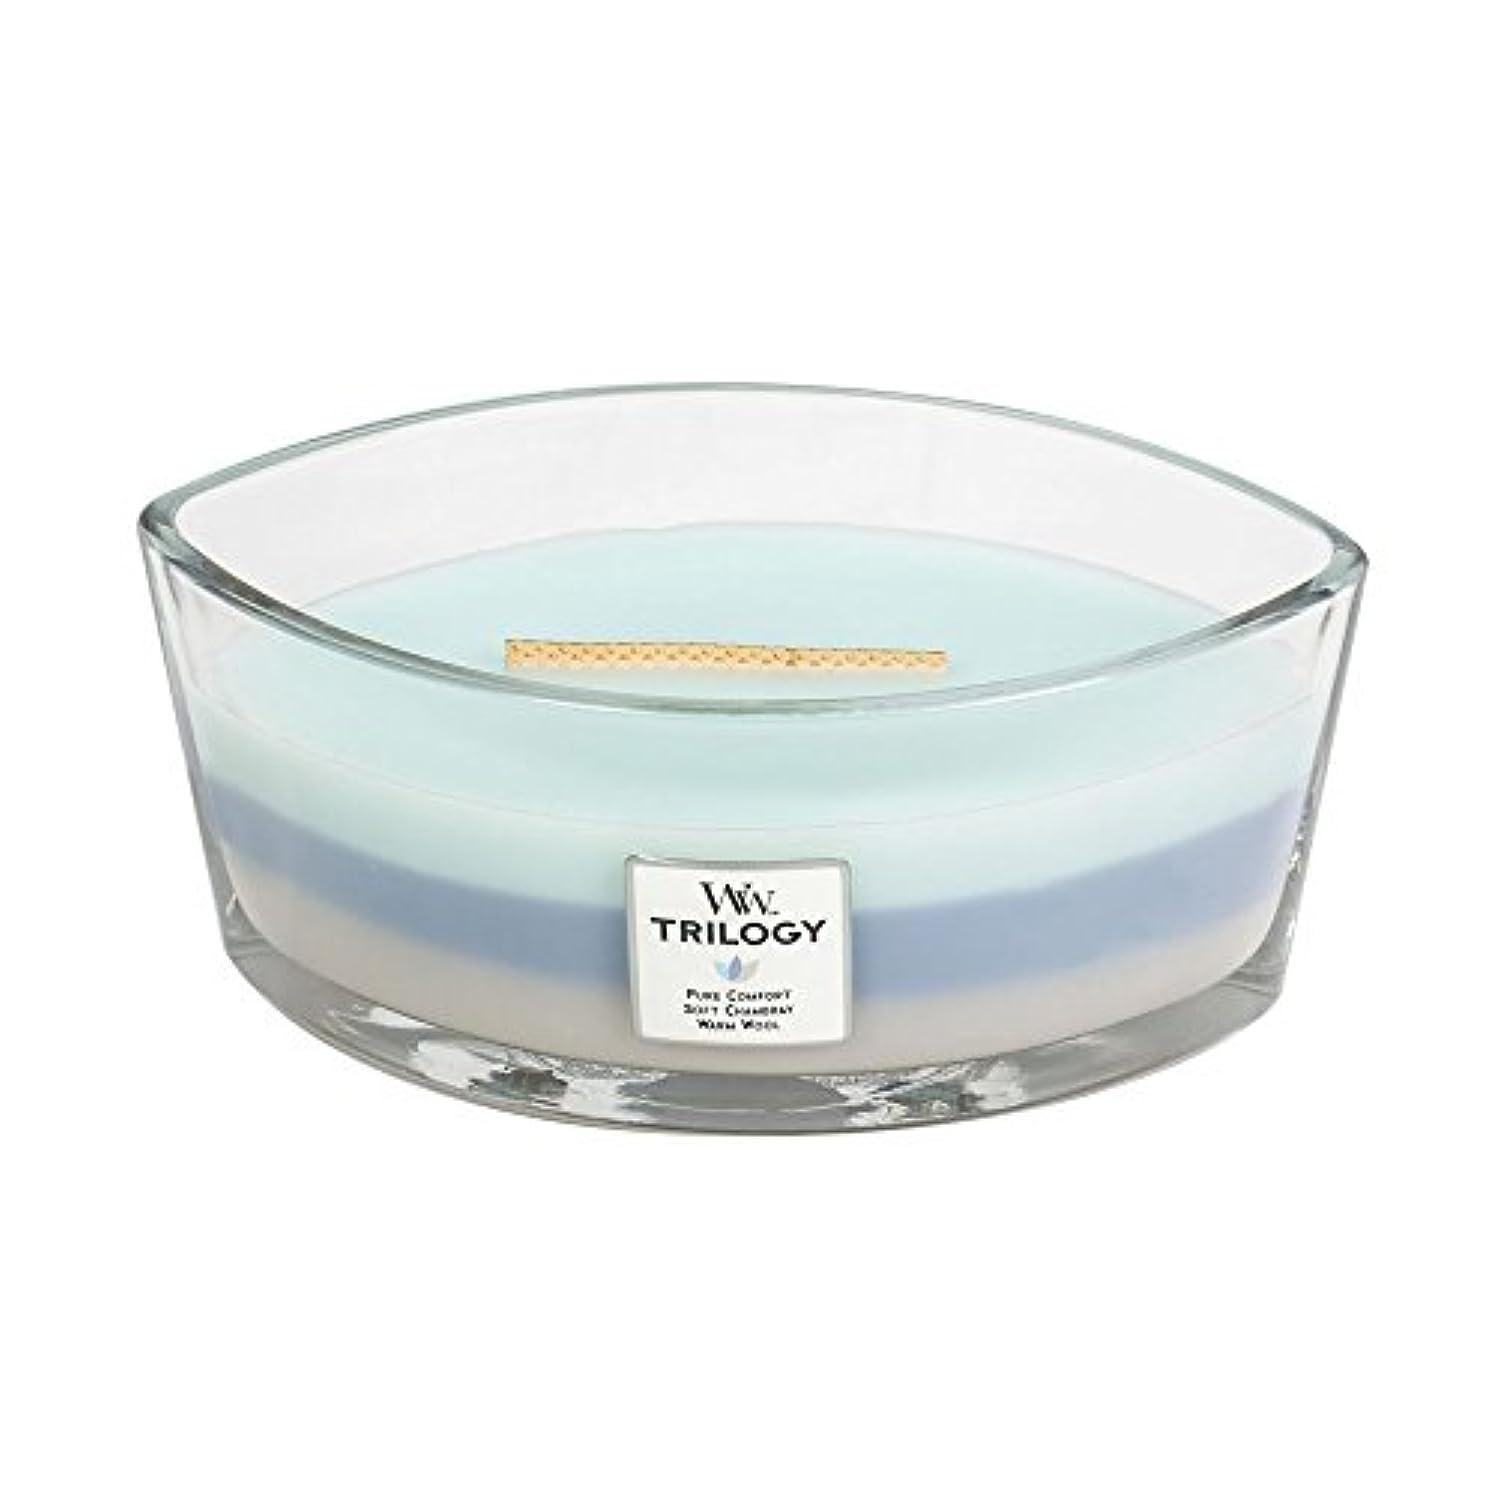 放射性脊椎テクスチャーWoodWick Trilogy WOVEN COMFORTS, 3-in-1 Highly Scented Candle, Ellipse Glass Jar with Original HearthWick Flame...